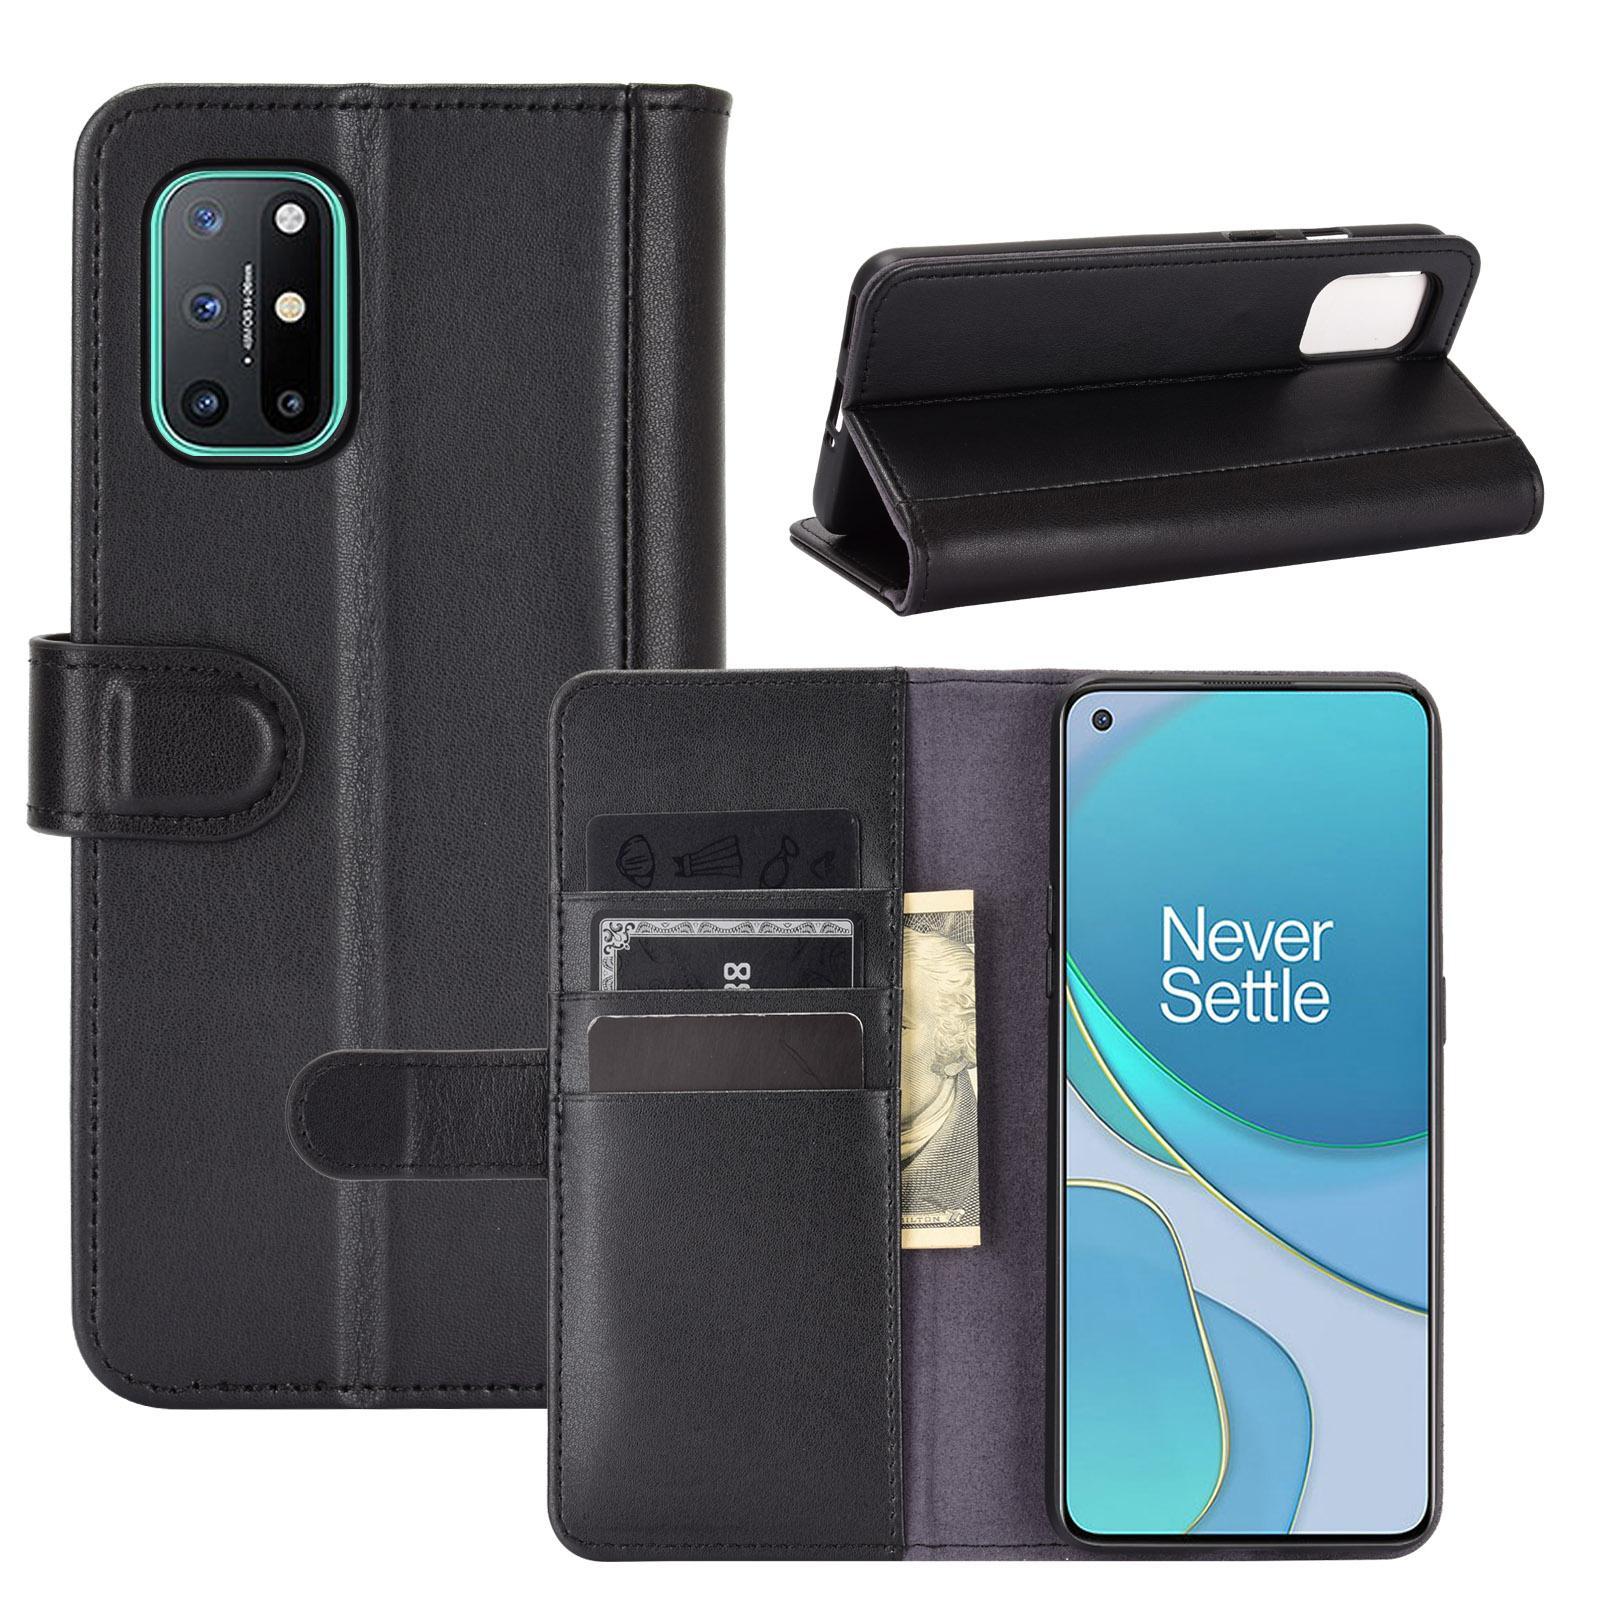 Ekte Lærveske OnePlus 8T svart